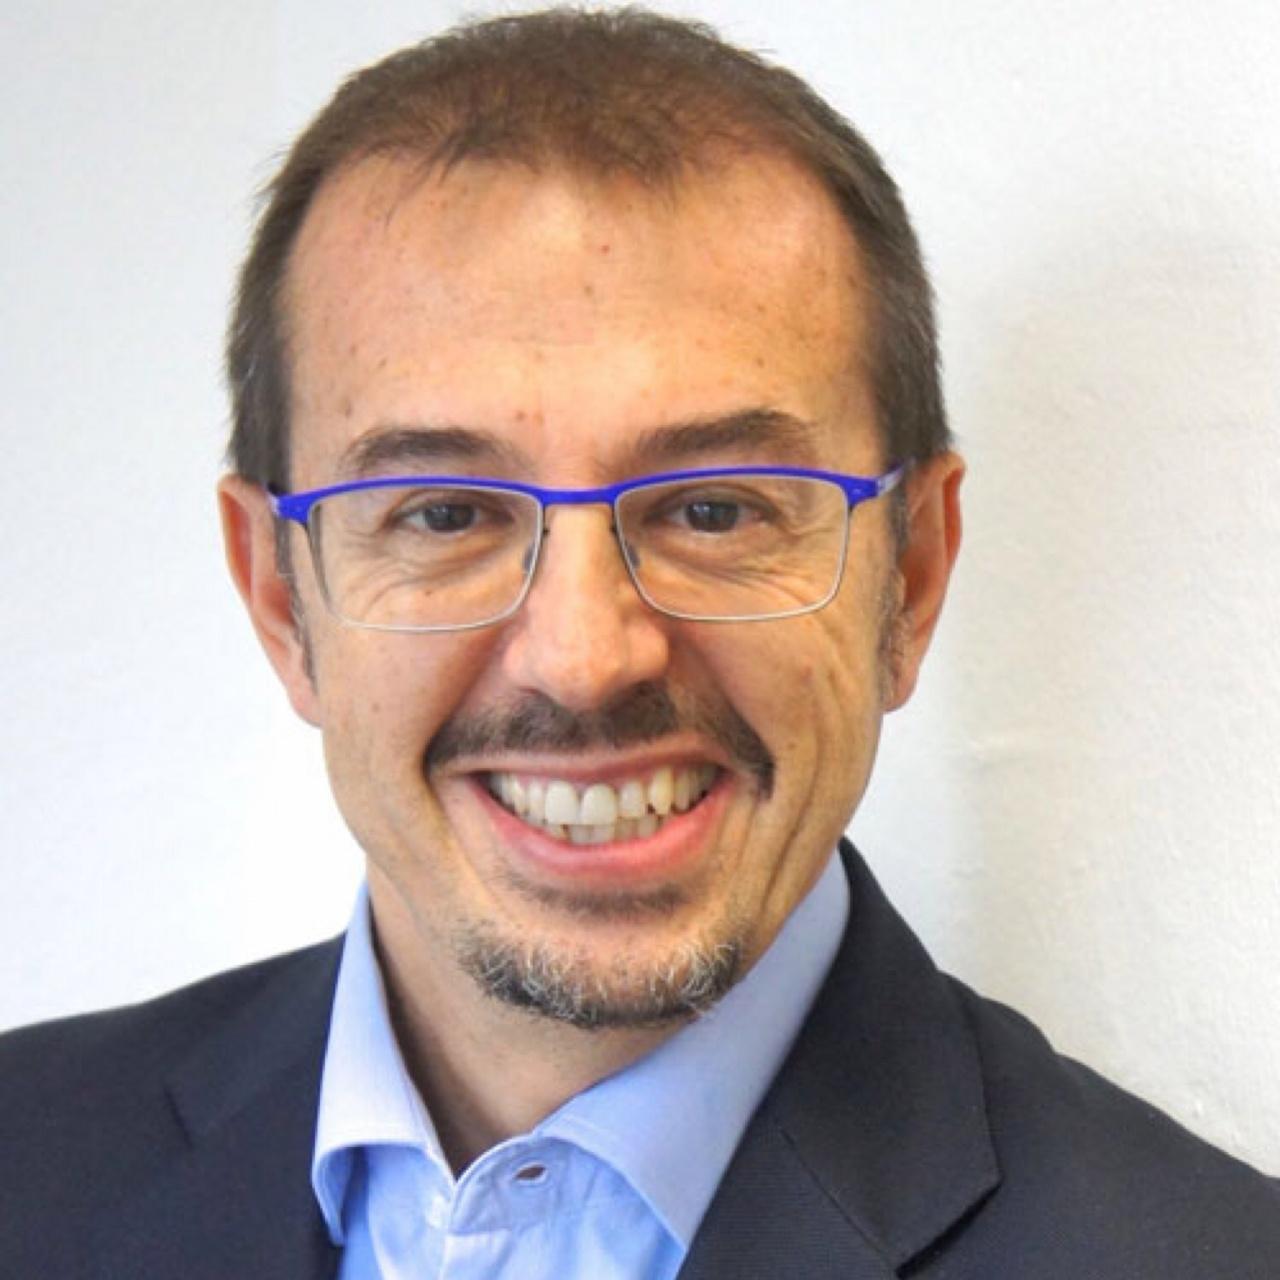 Nuovo Marketing Manager in Kyocera Italia